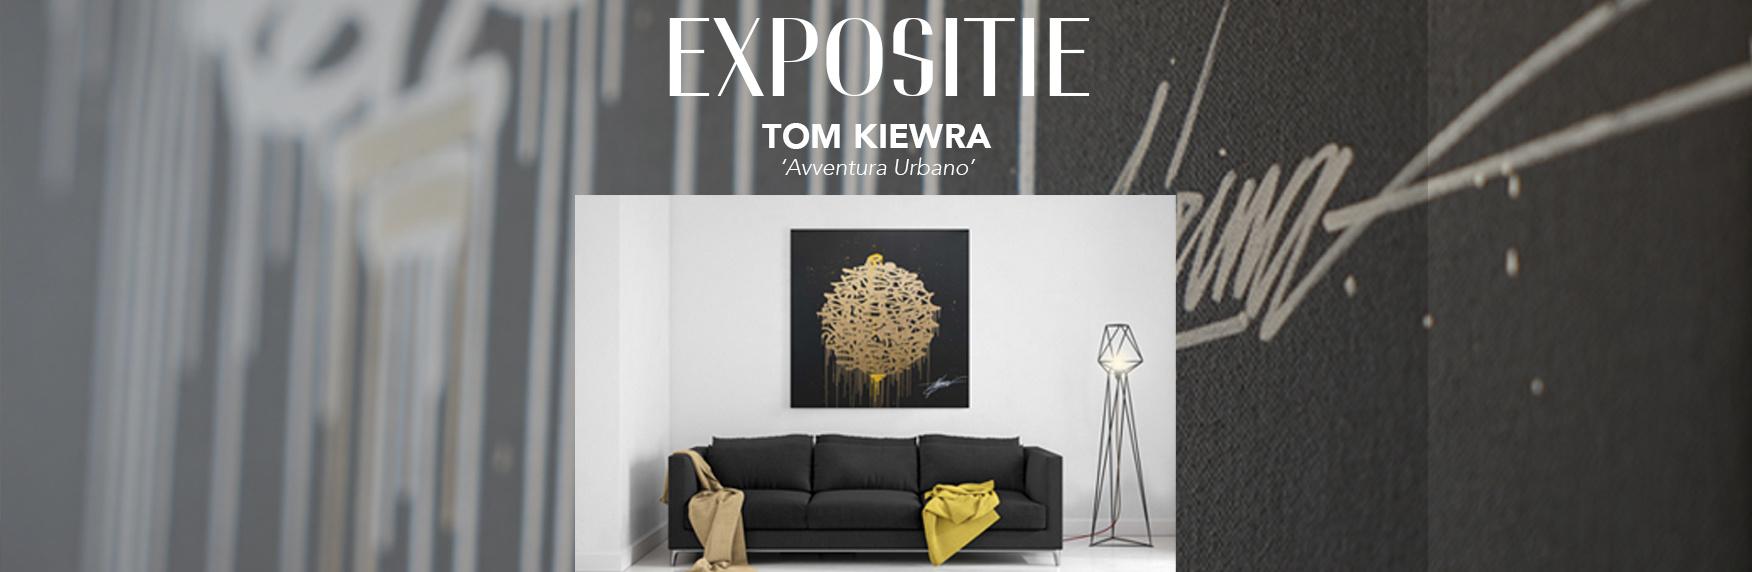 EXPO · TOM KIEWRA  [Avventura Urbano]